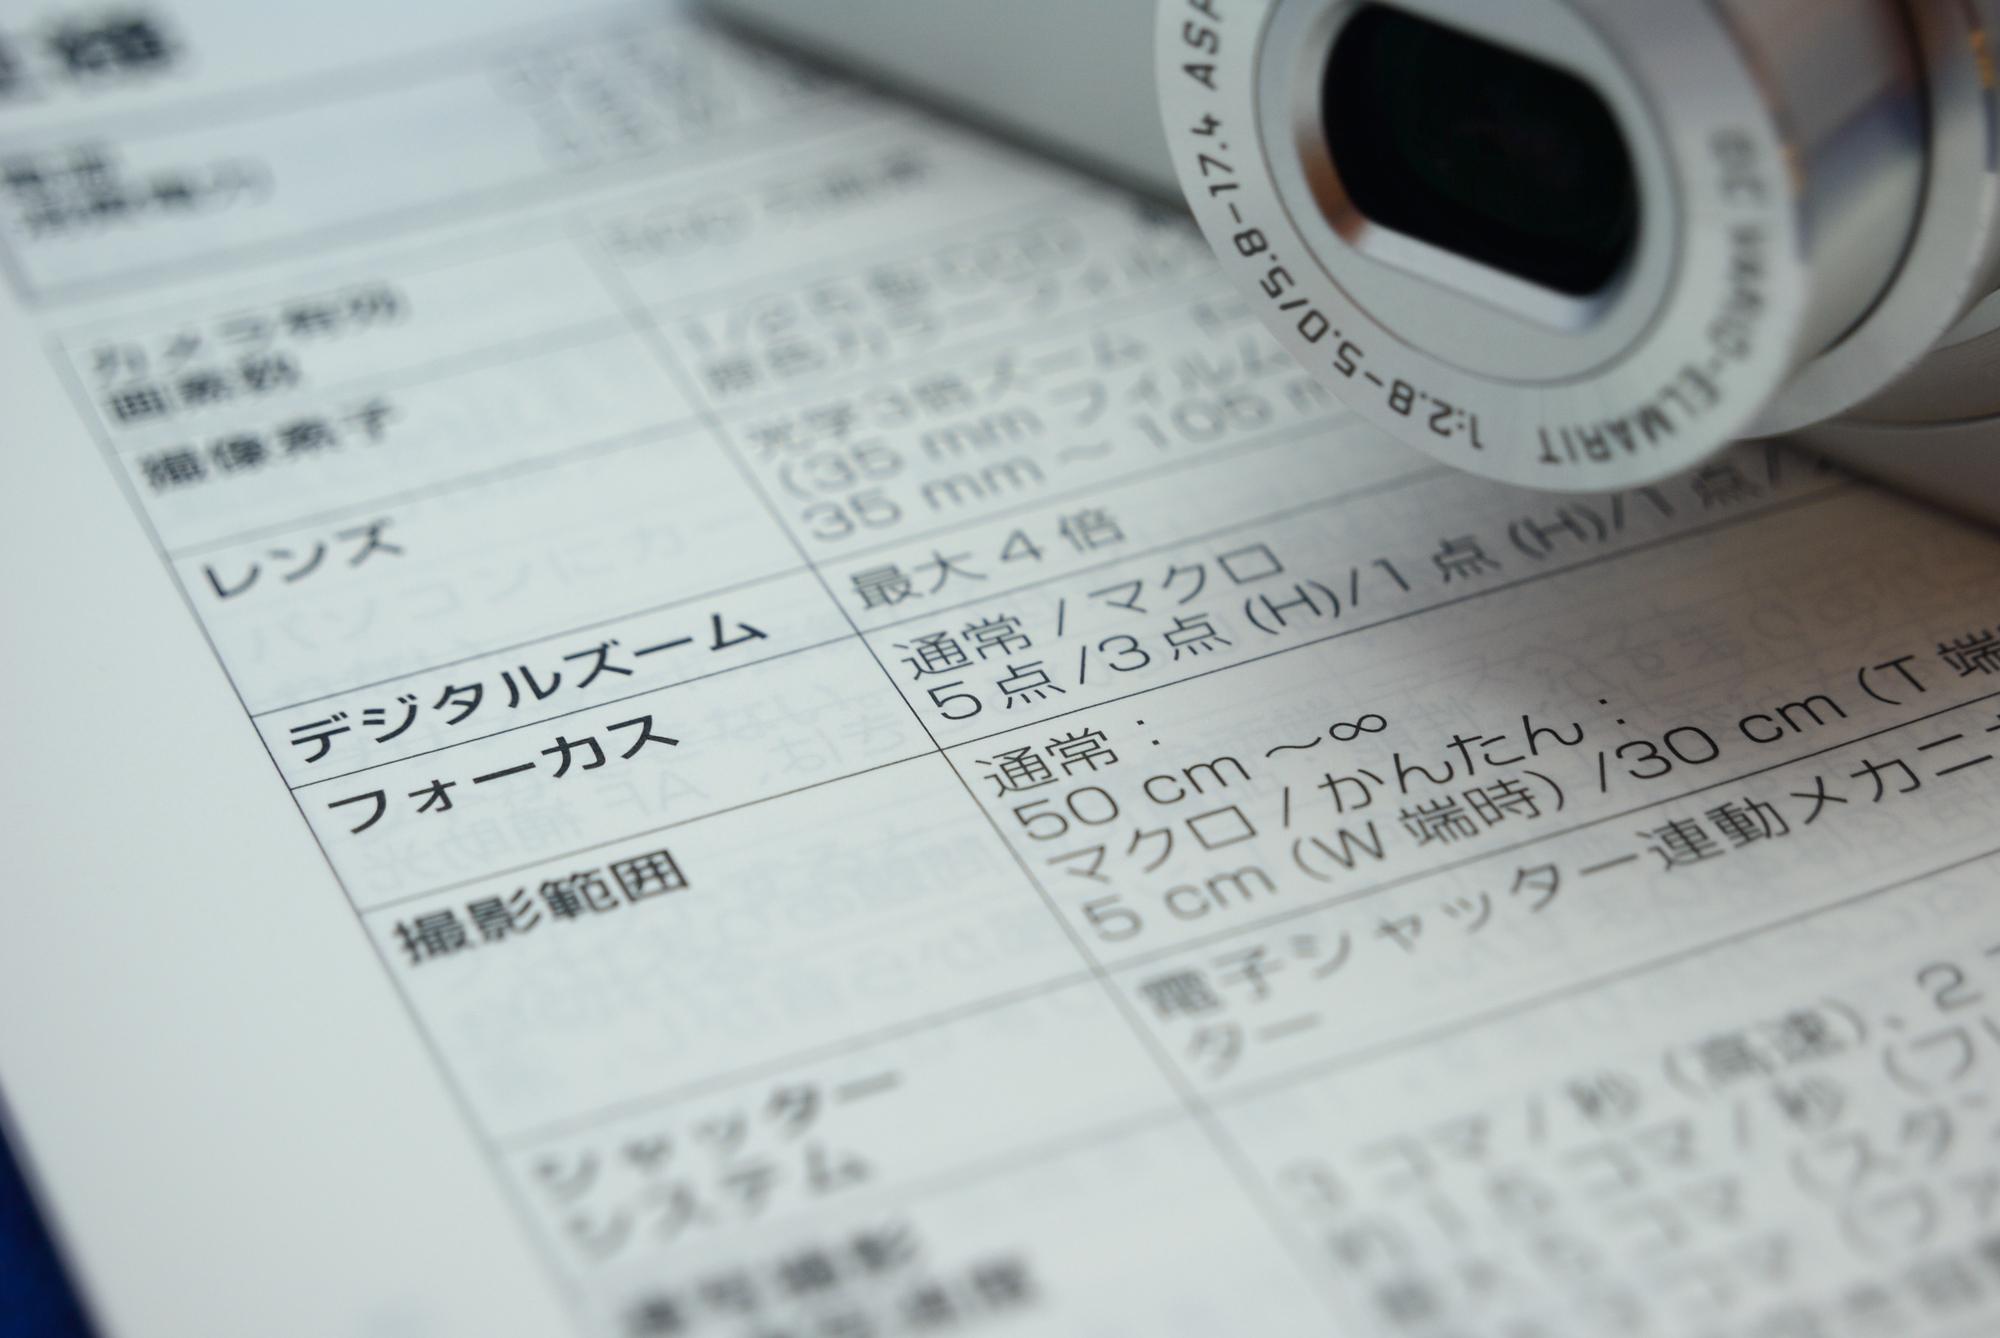 防犯カメラの仕様書は分かりにくい